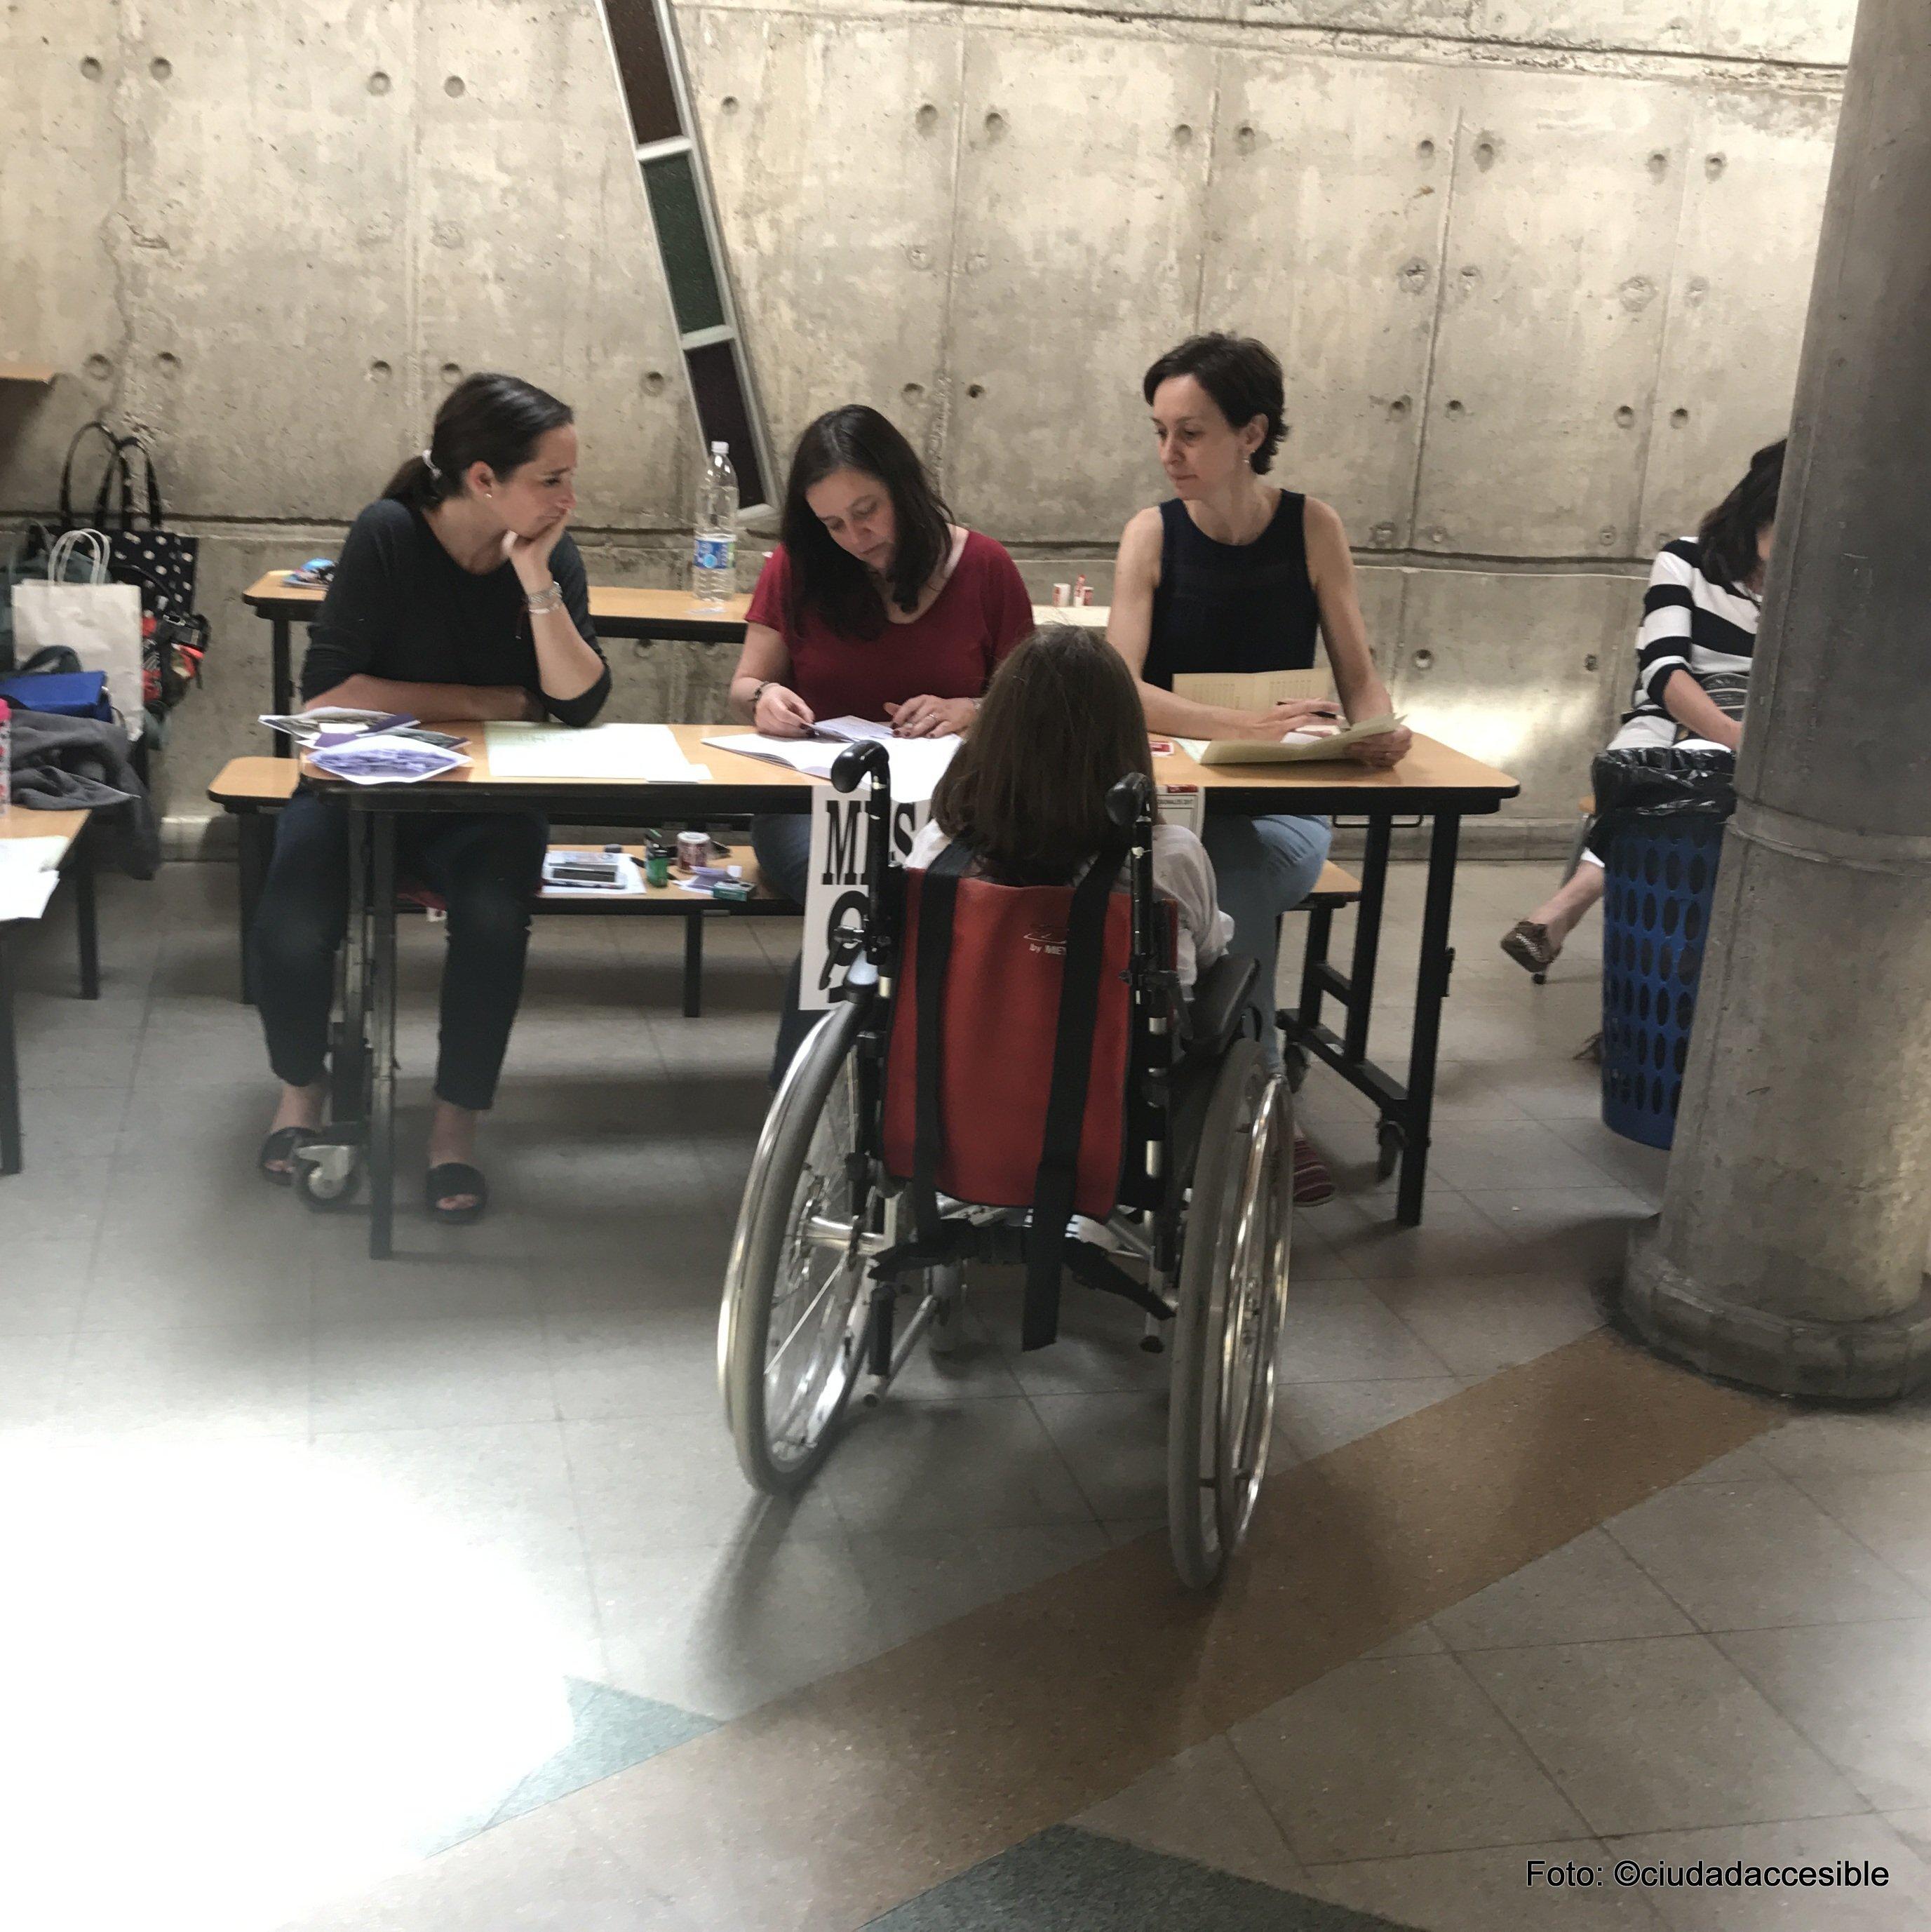 Joven en silla de ruedas llega en forma independiente hasta su mesa de votación